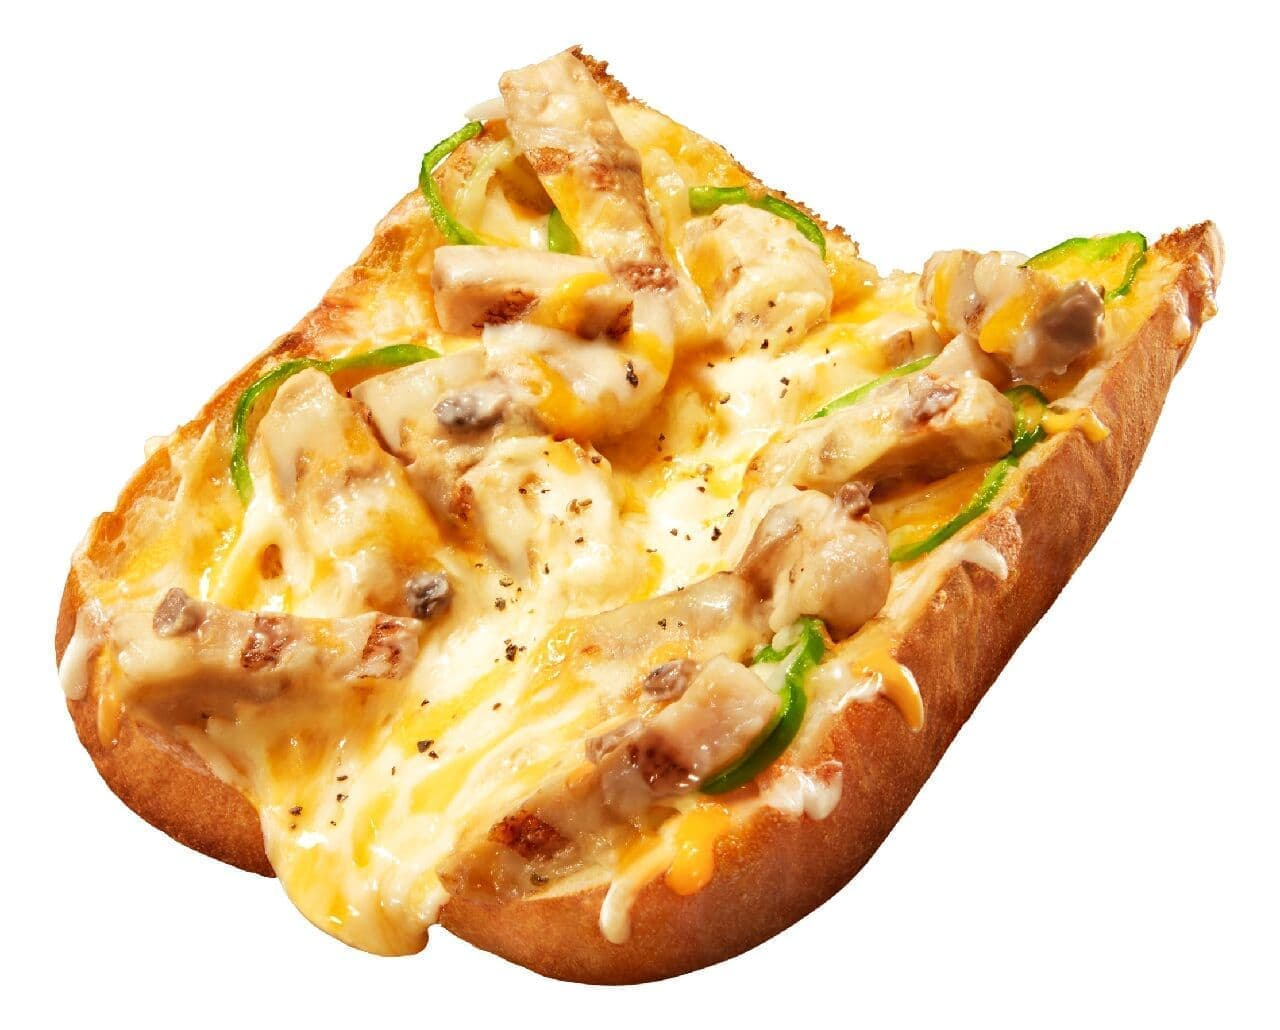 サブウェイ「ピザ クリーミーチキン ~贅沢ポルチーニソース~」